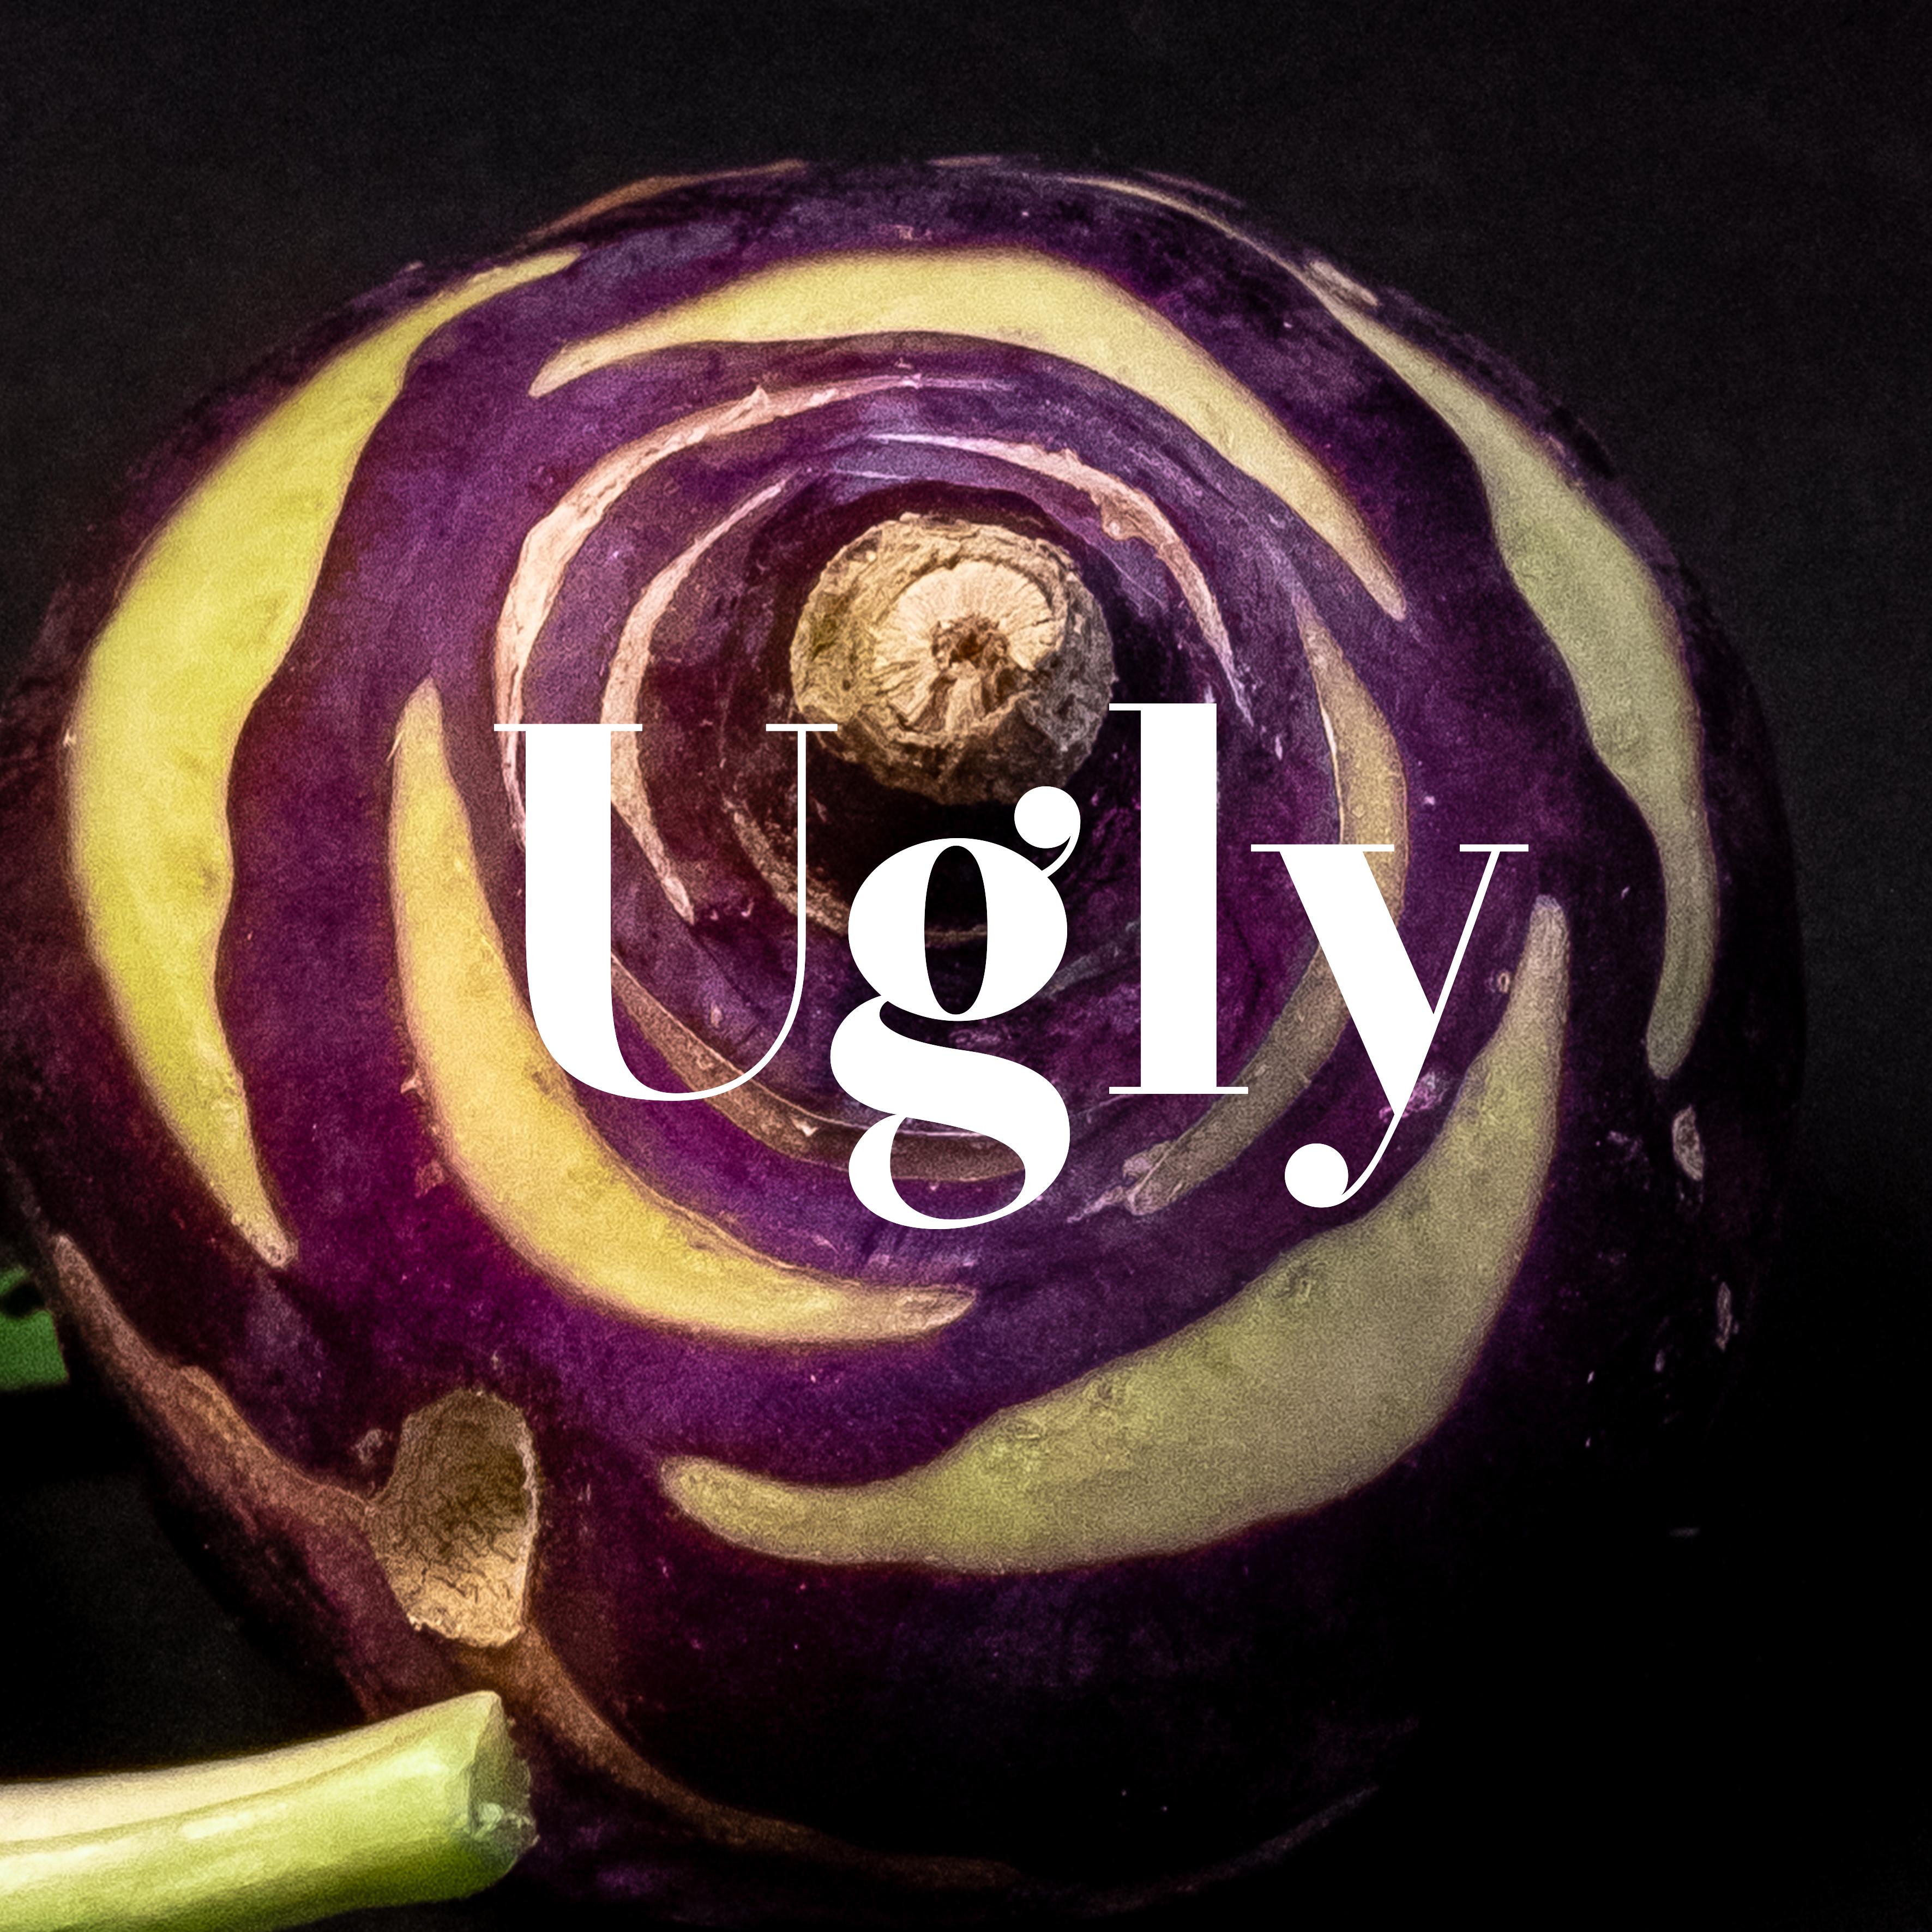 ugly_turnips